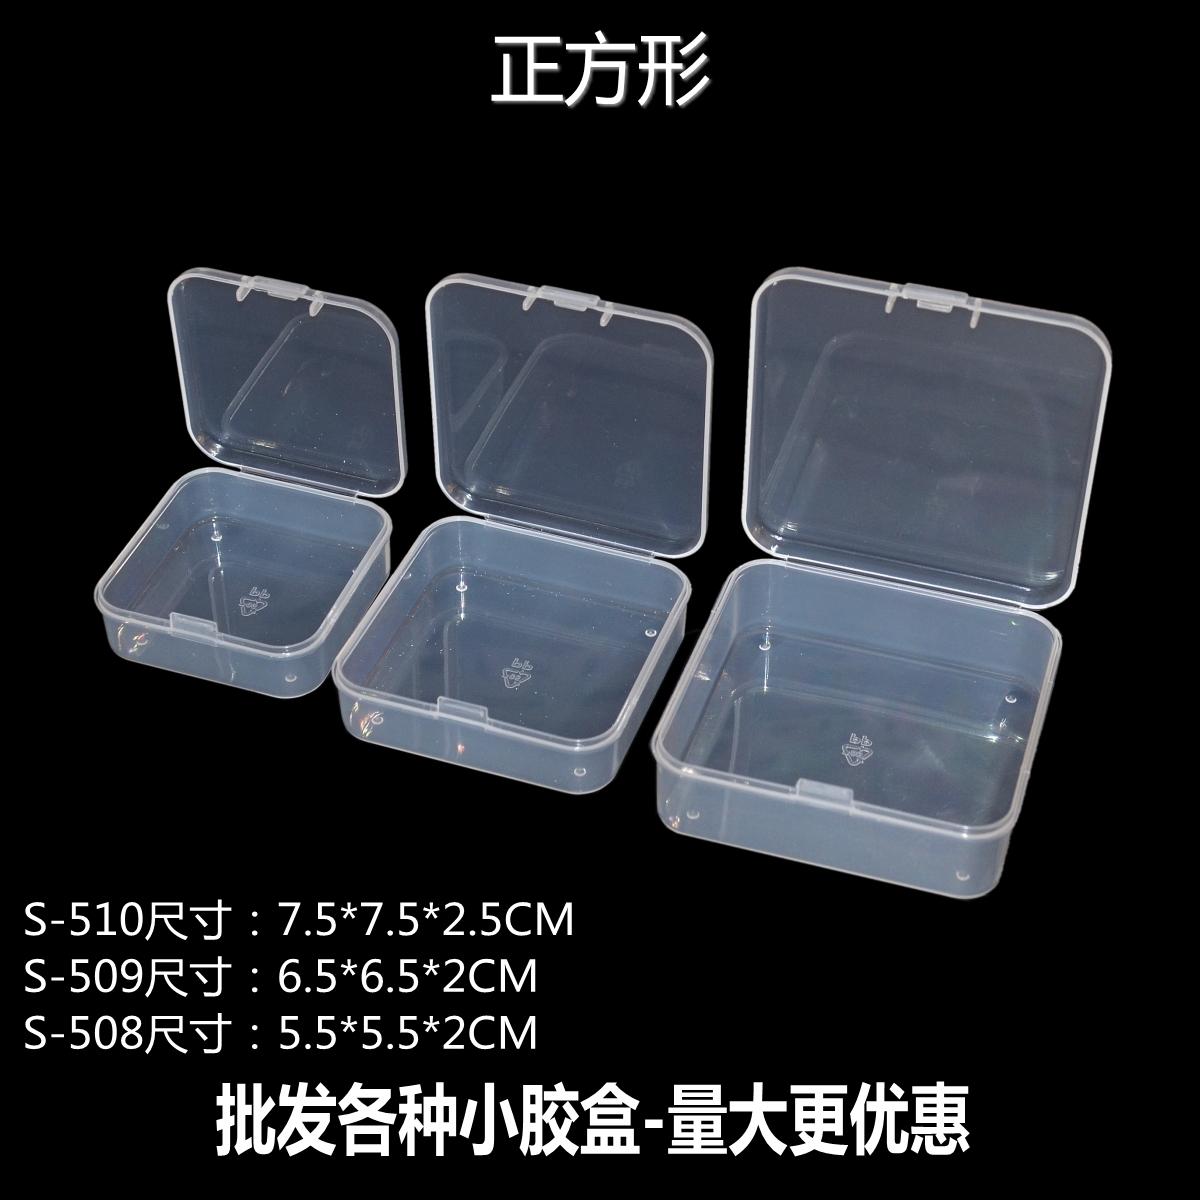 för rutor av plast bryter öppet fält - tillbehör - kit kit plast